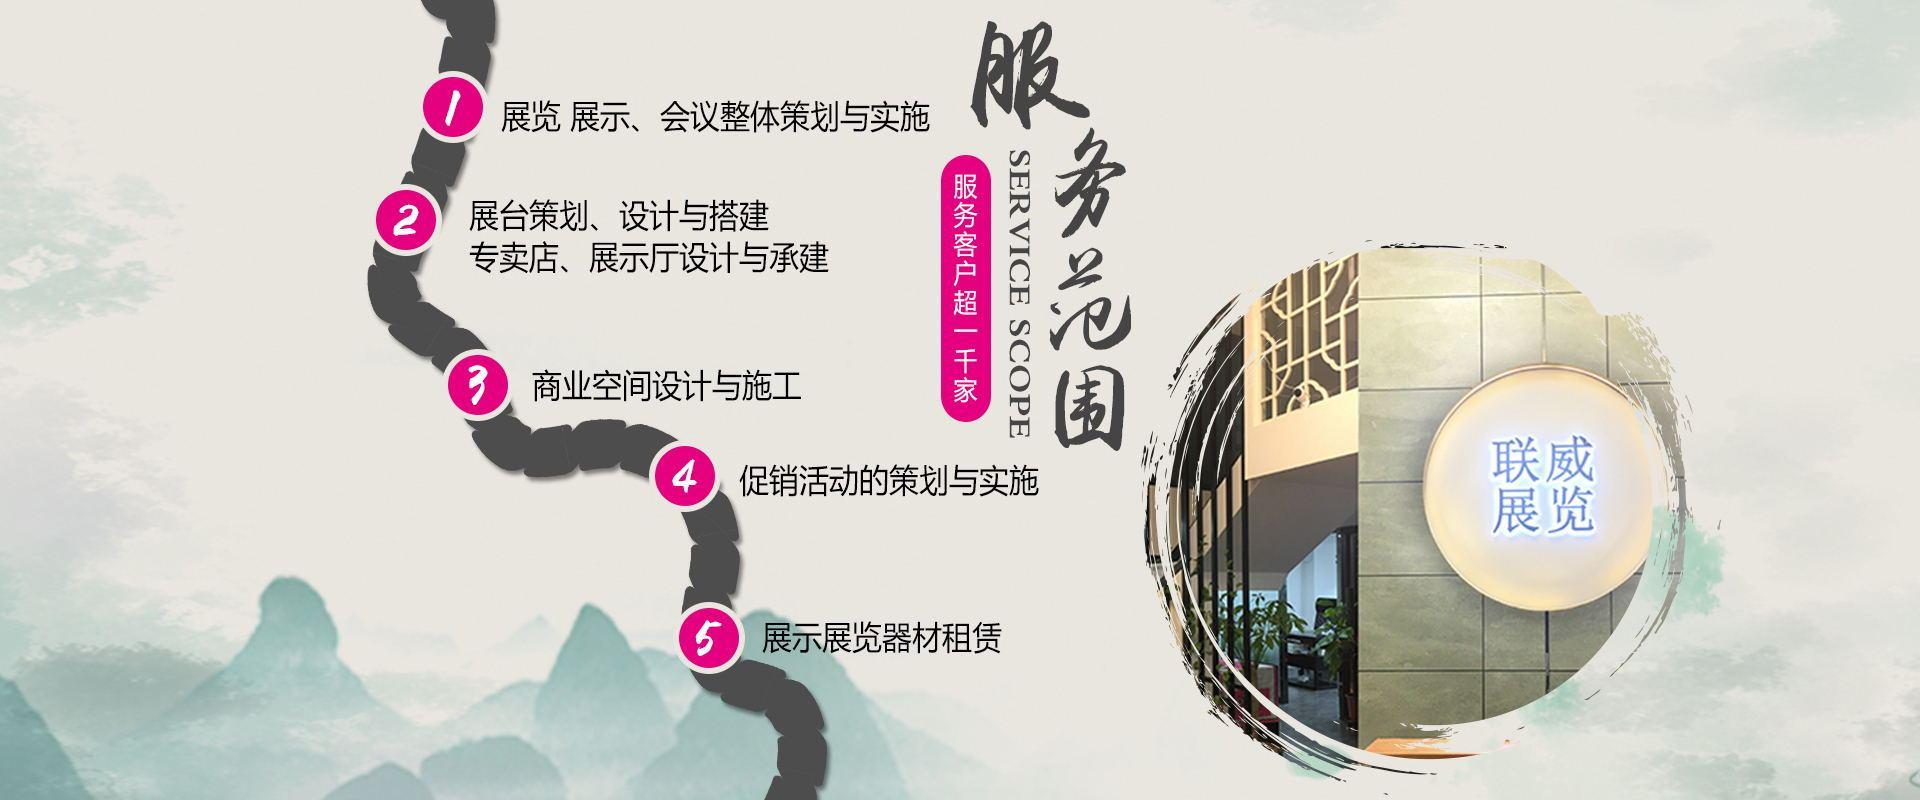 广州是专业的展览公司,为企业提供展览设计、展台设计、展台搭建、展位装潢等服务。承接大型展台设计搭建,品邦在每个行业都有众多经典案例,事实胜于雄辩,免费咨询